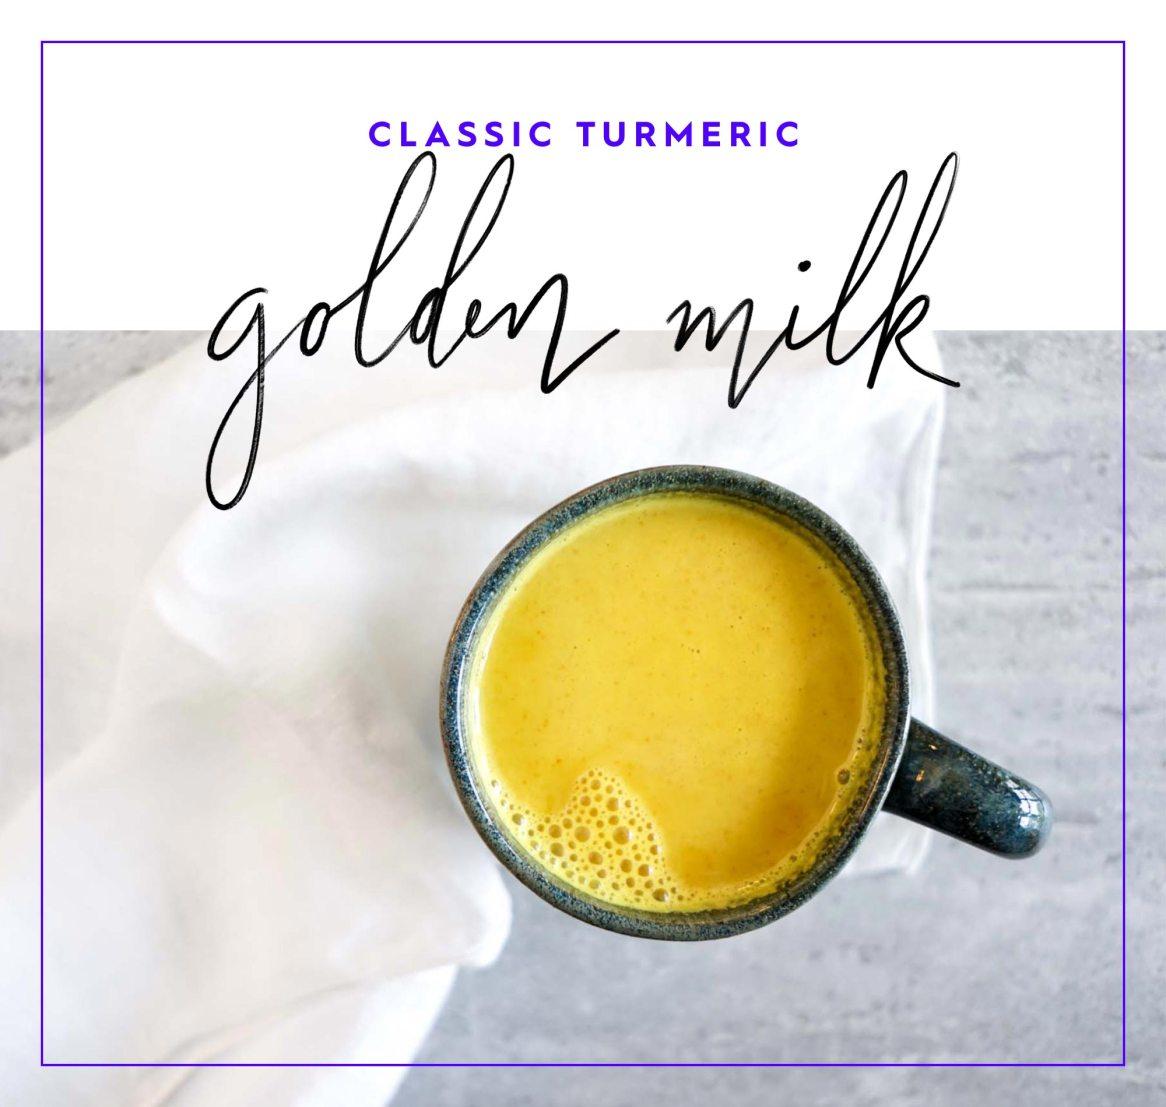 goldenMilk-title